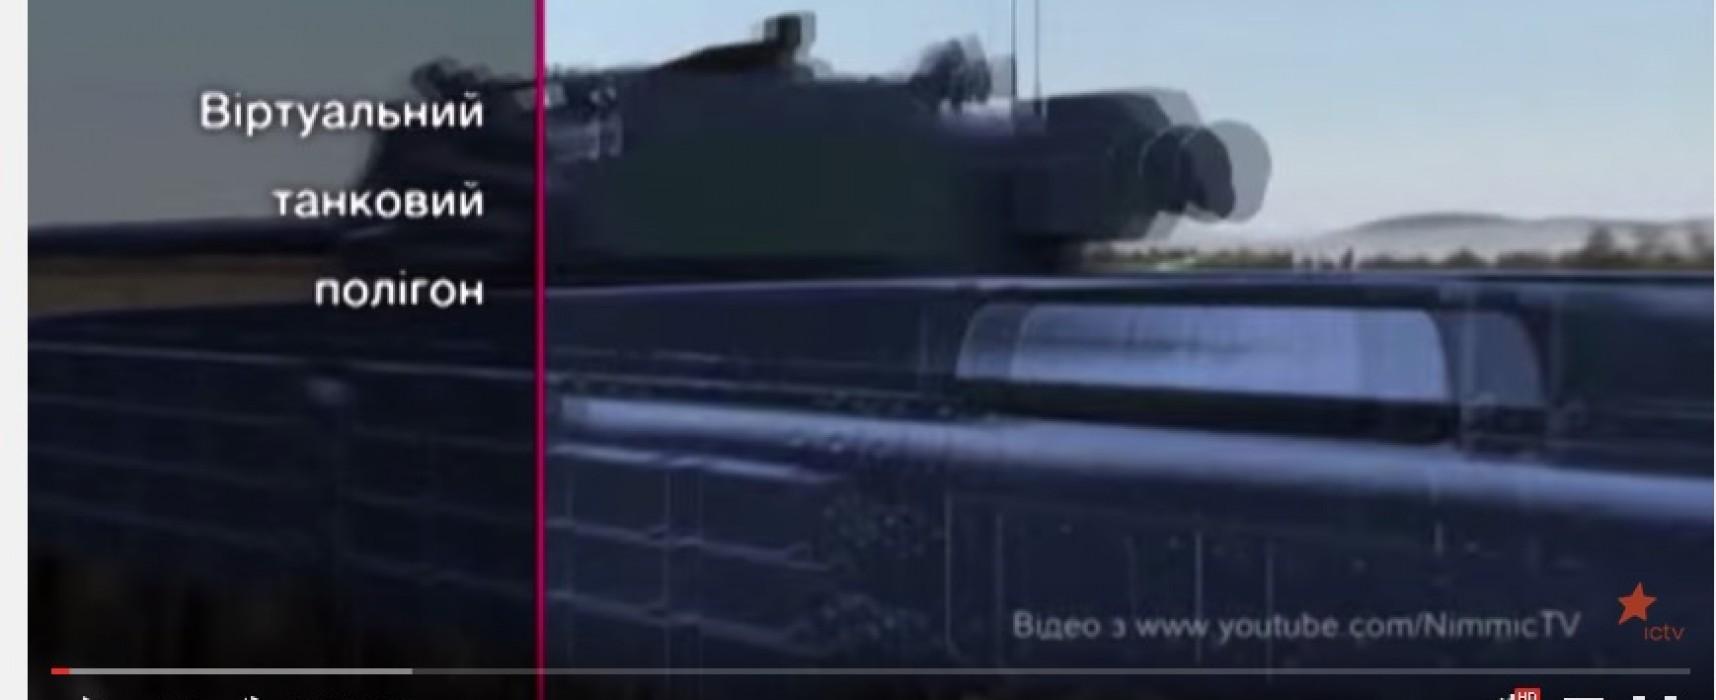 Украинские телеканалы создали фейк о превосходстве украинских танков